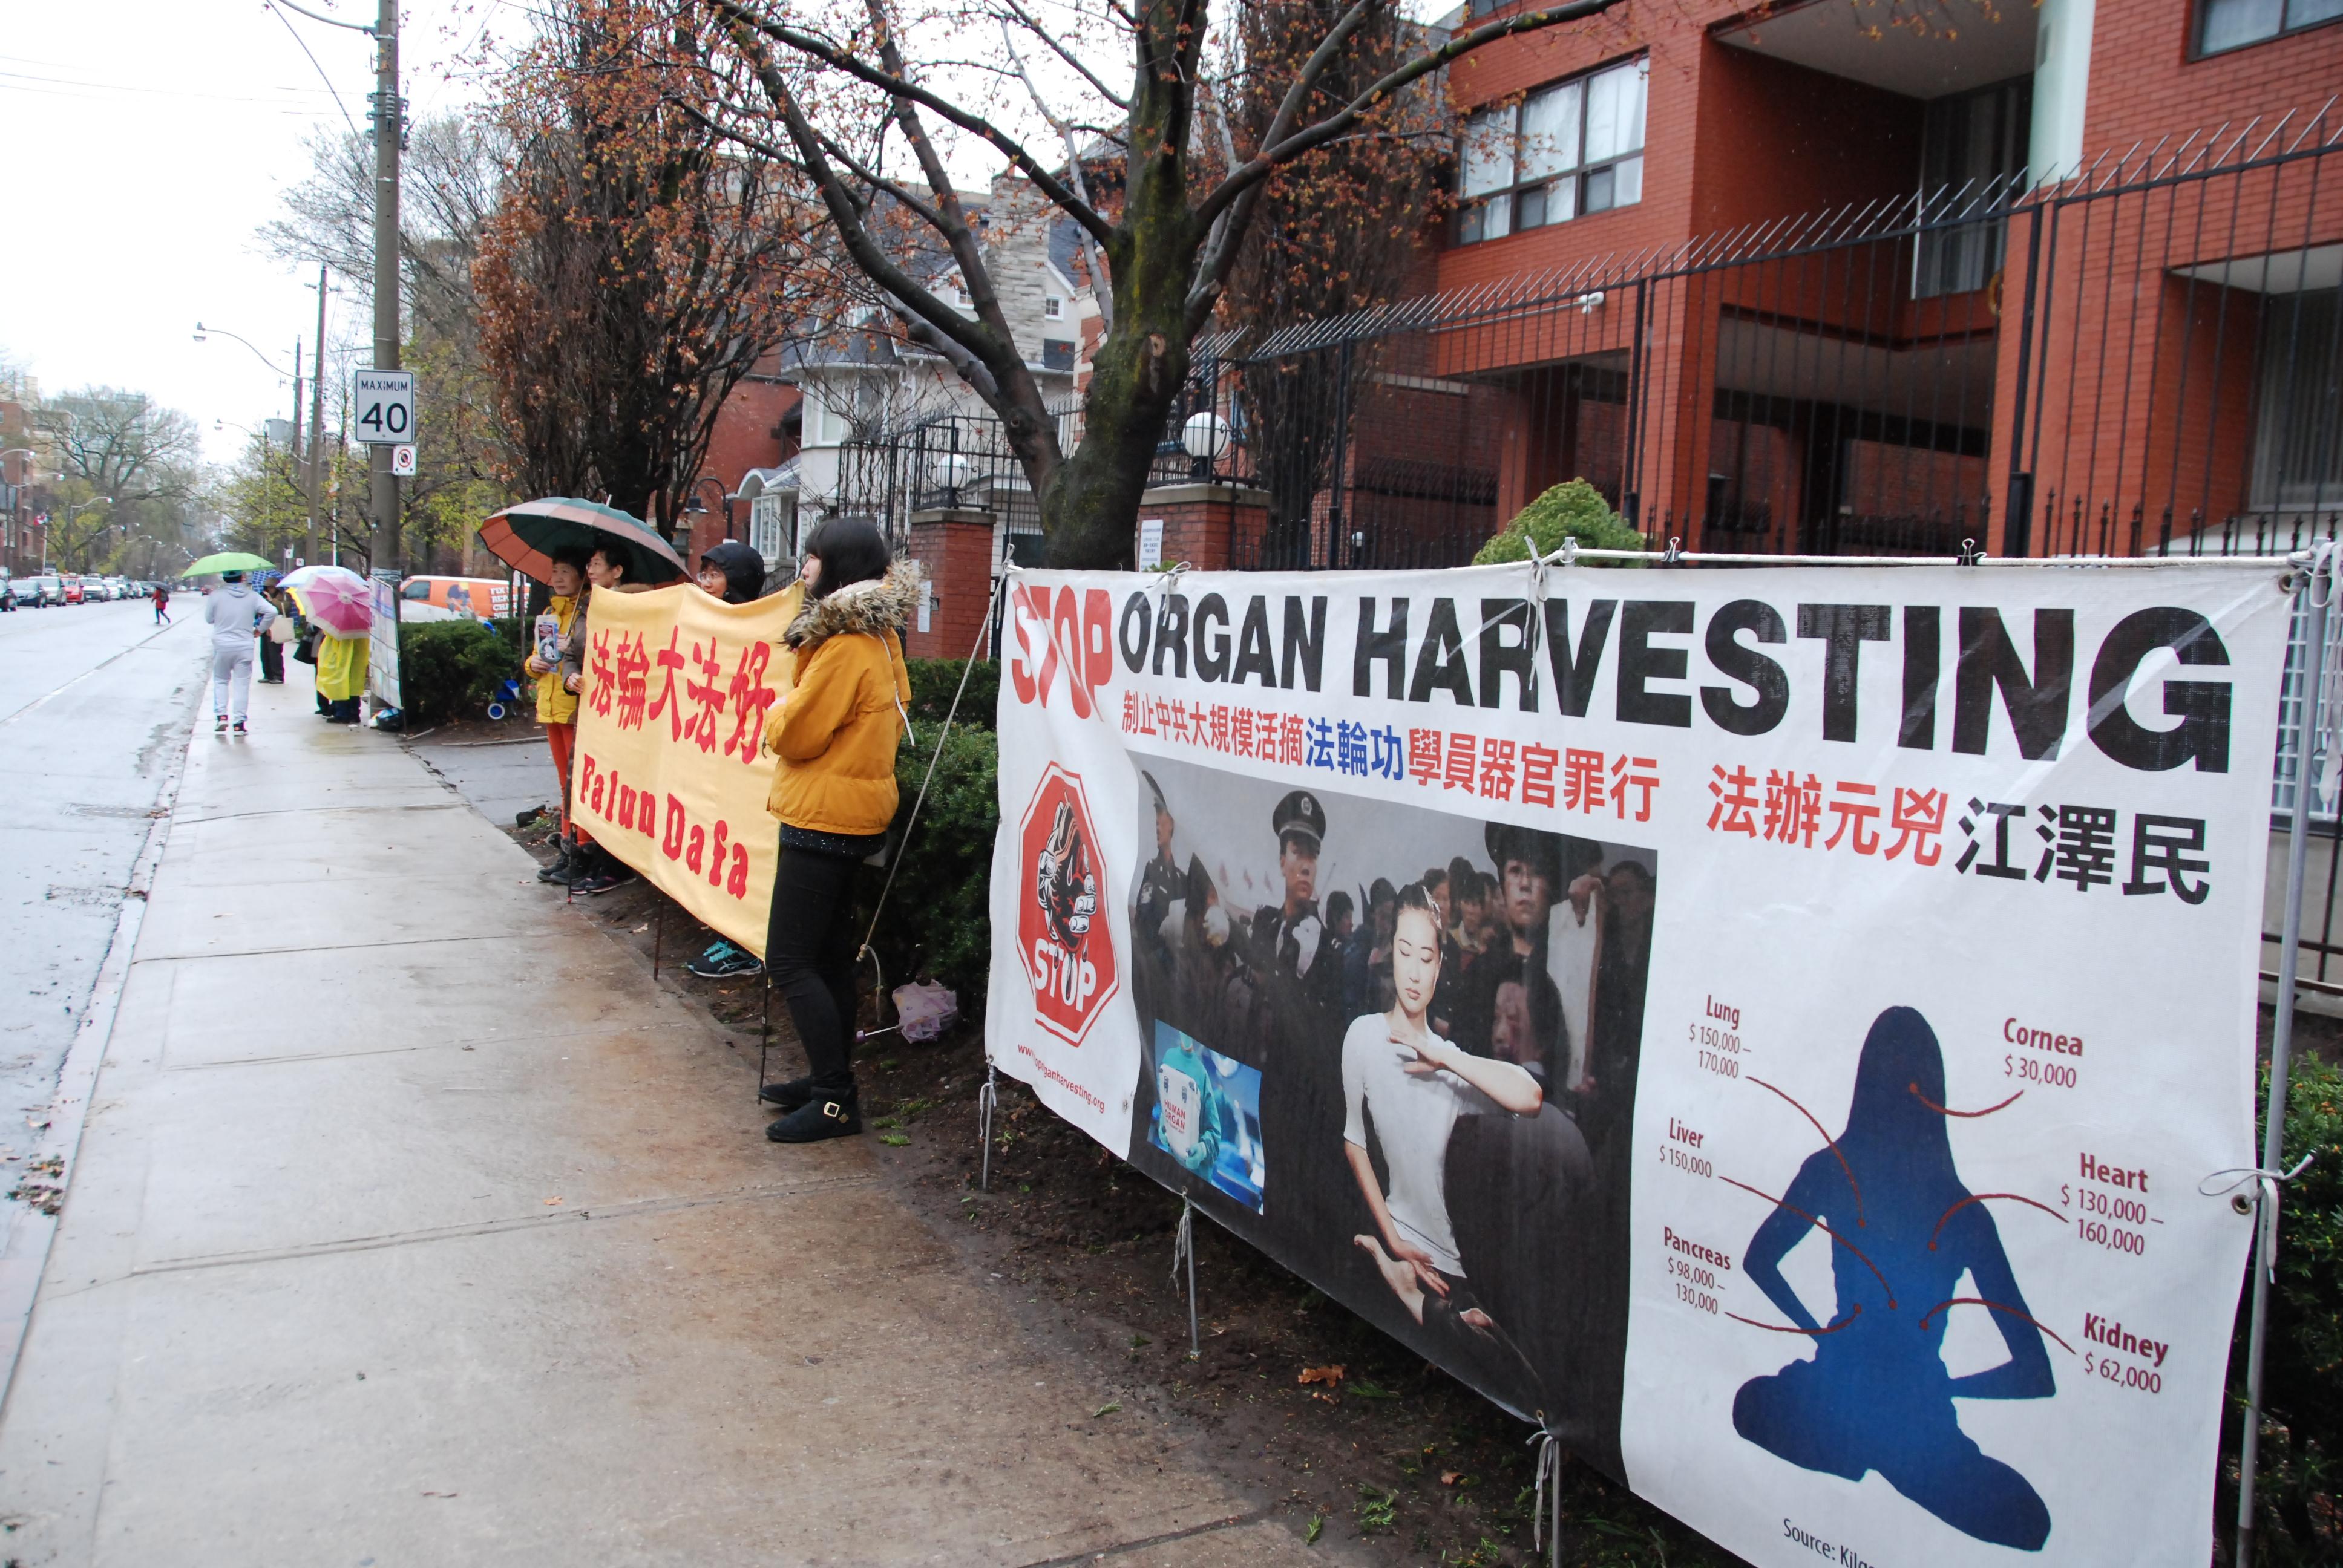 4月25日上午,多倫多法輪功學員在中領館前集會,紀念4.25和平上訪18週年,呼籲中共停止迫害法輪功。(伊鈴/大紀元)